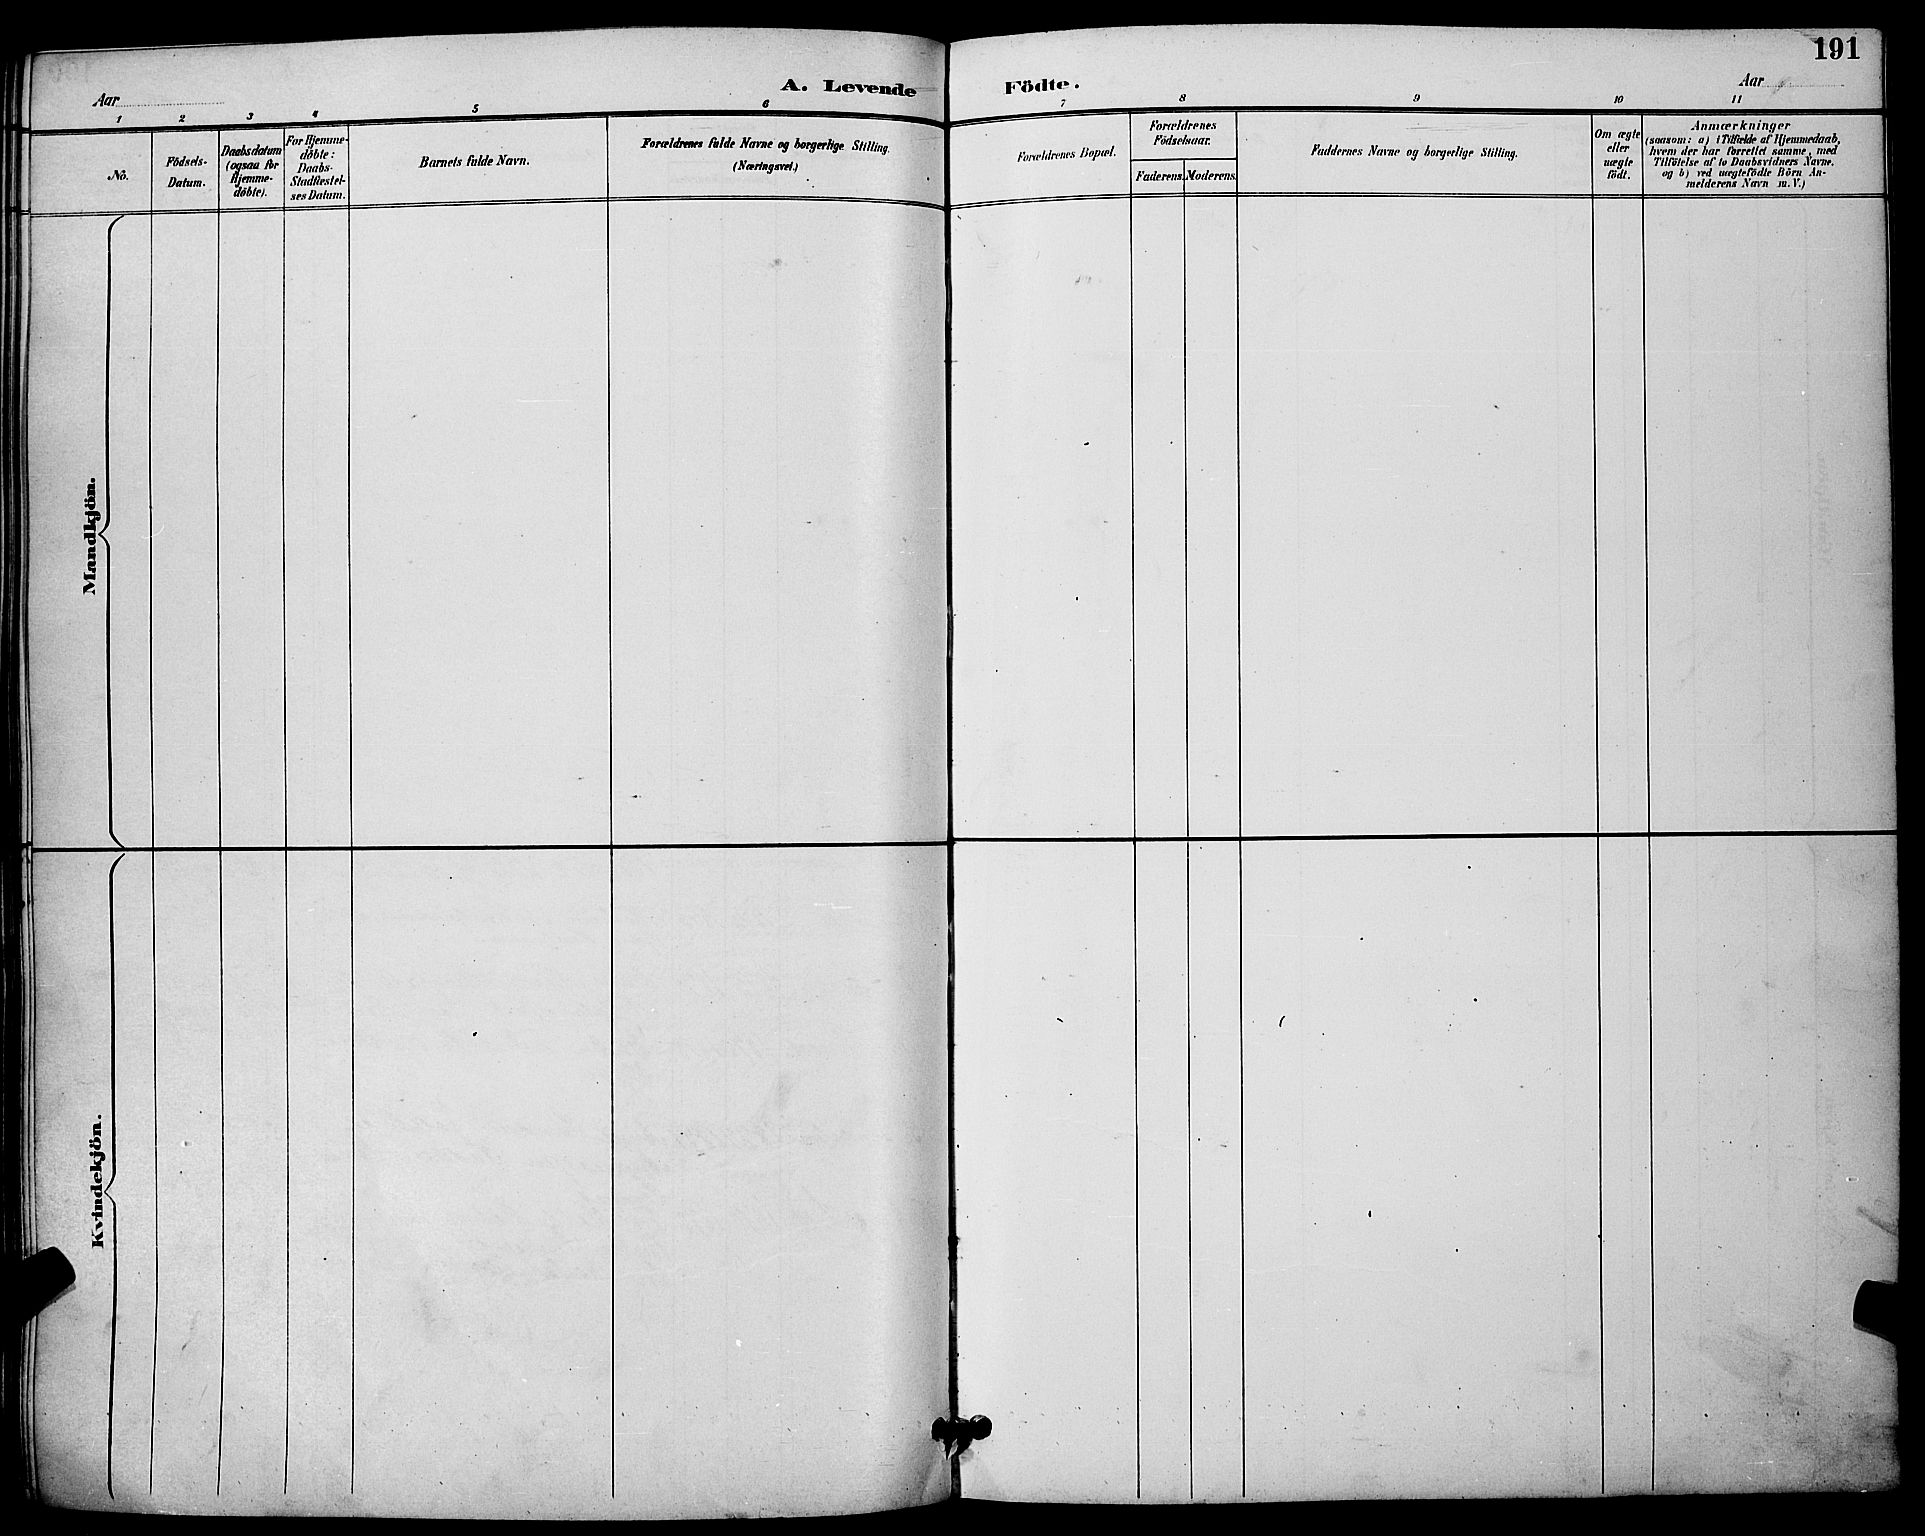 SAKO, Skien kirkebøker, G/Ga/L0007: Klokkerbok nr. 7, 1891-1900, s. 191